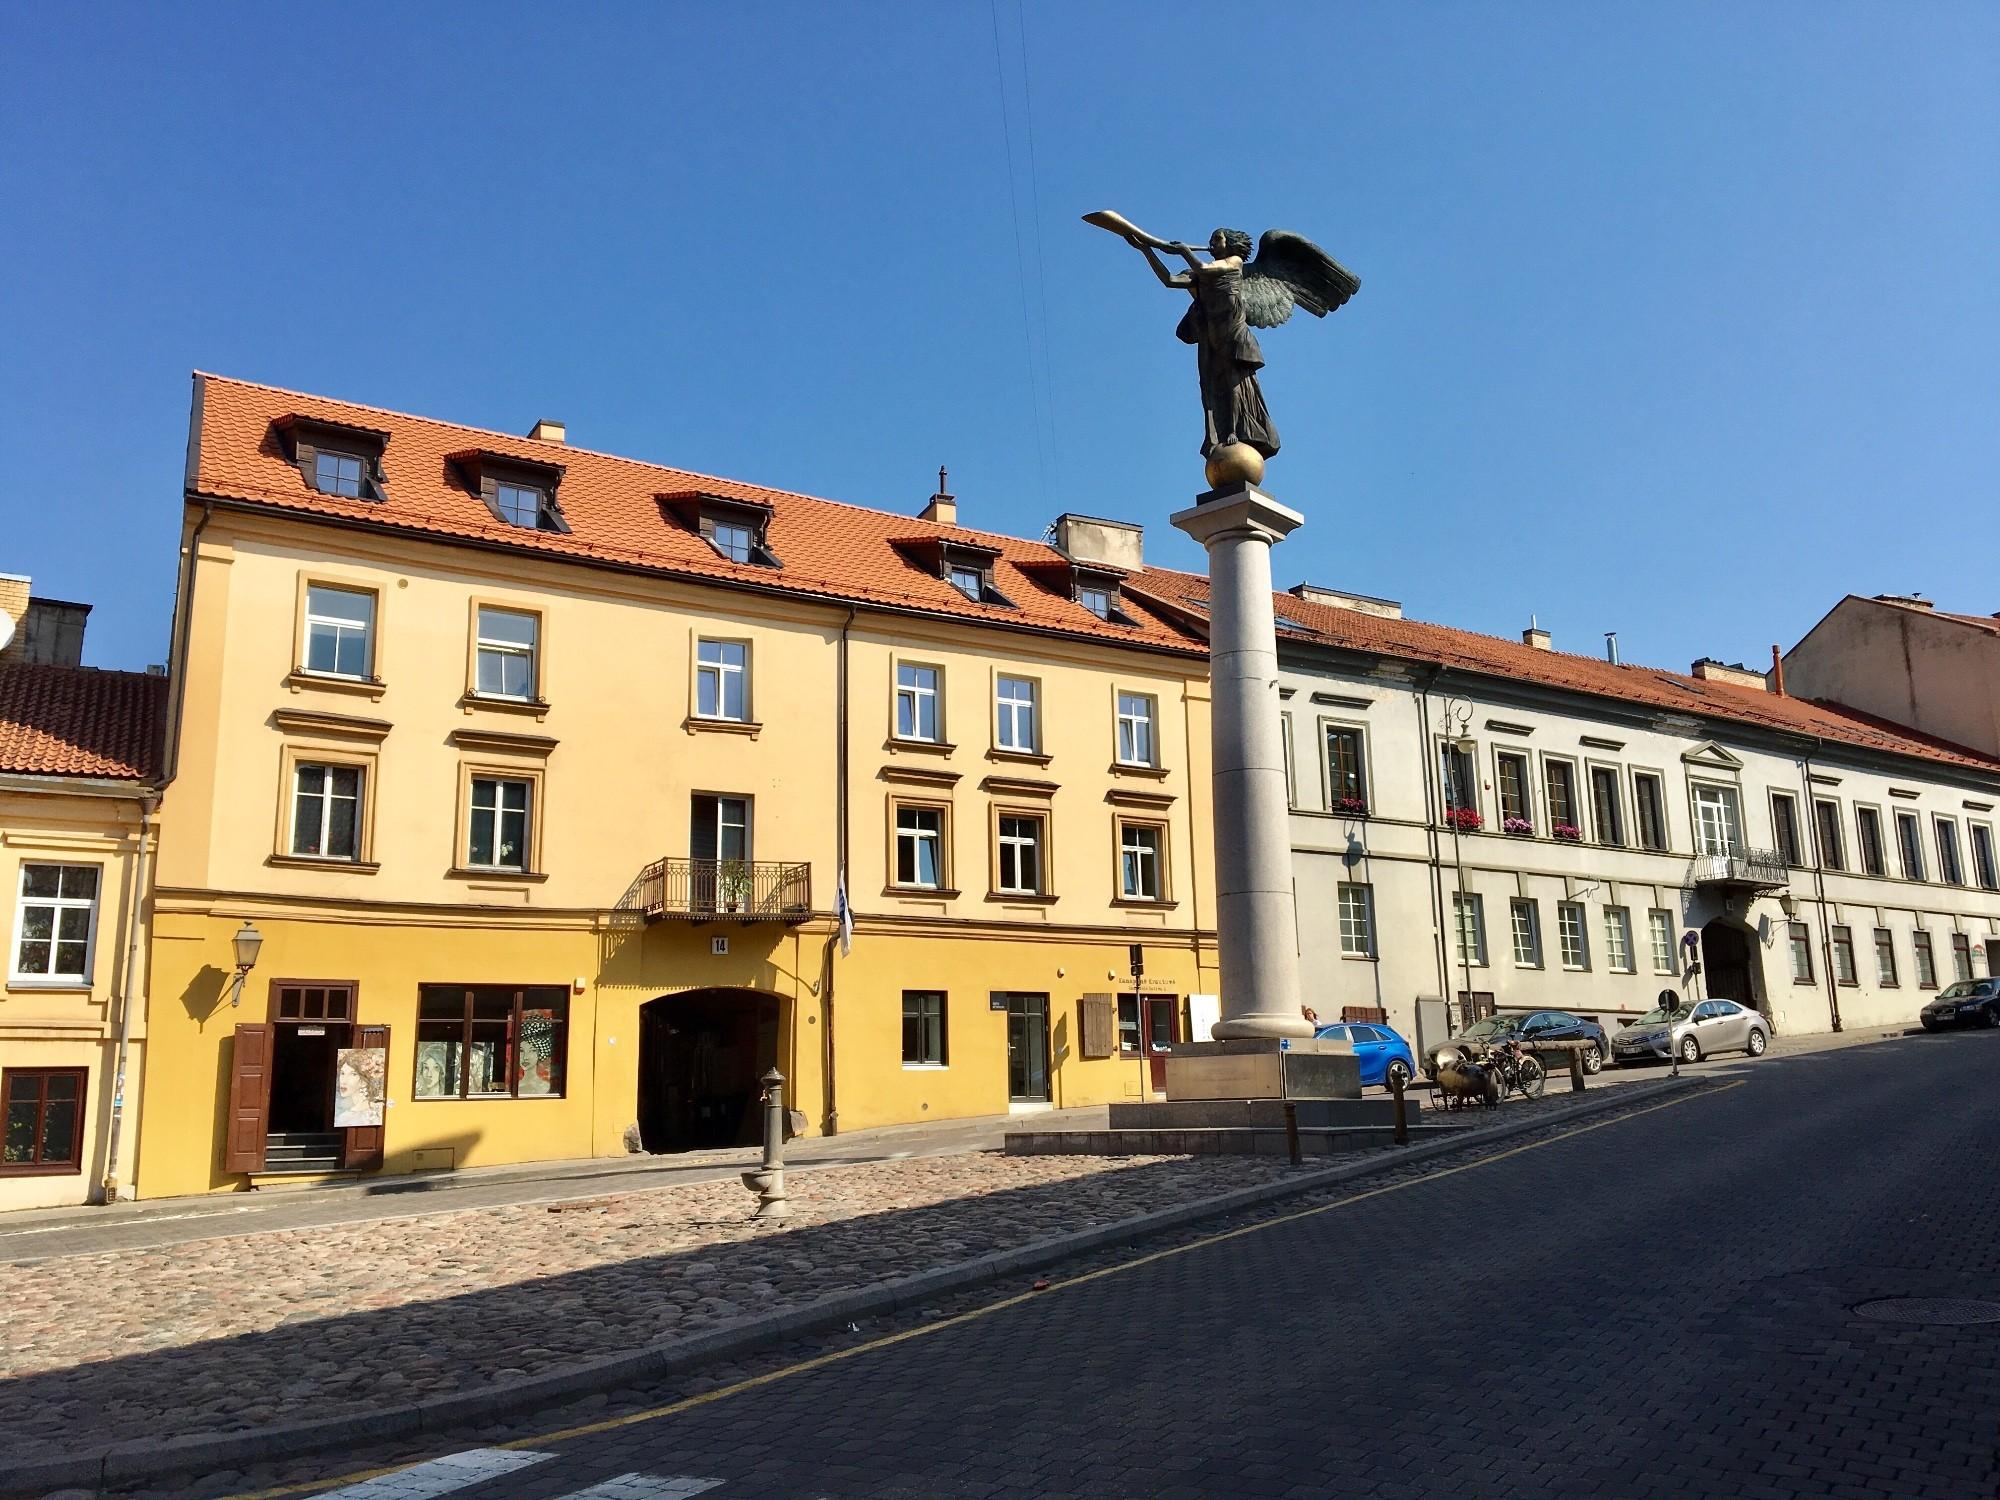 Скульптура ангела находиться на центральной площади Заречья. Почти все заведения вокруг называться «Возле ангела».